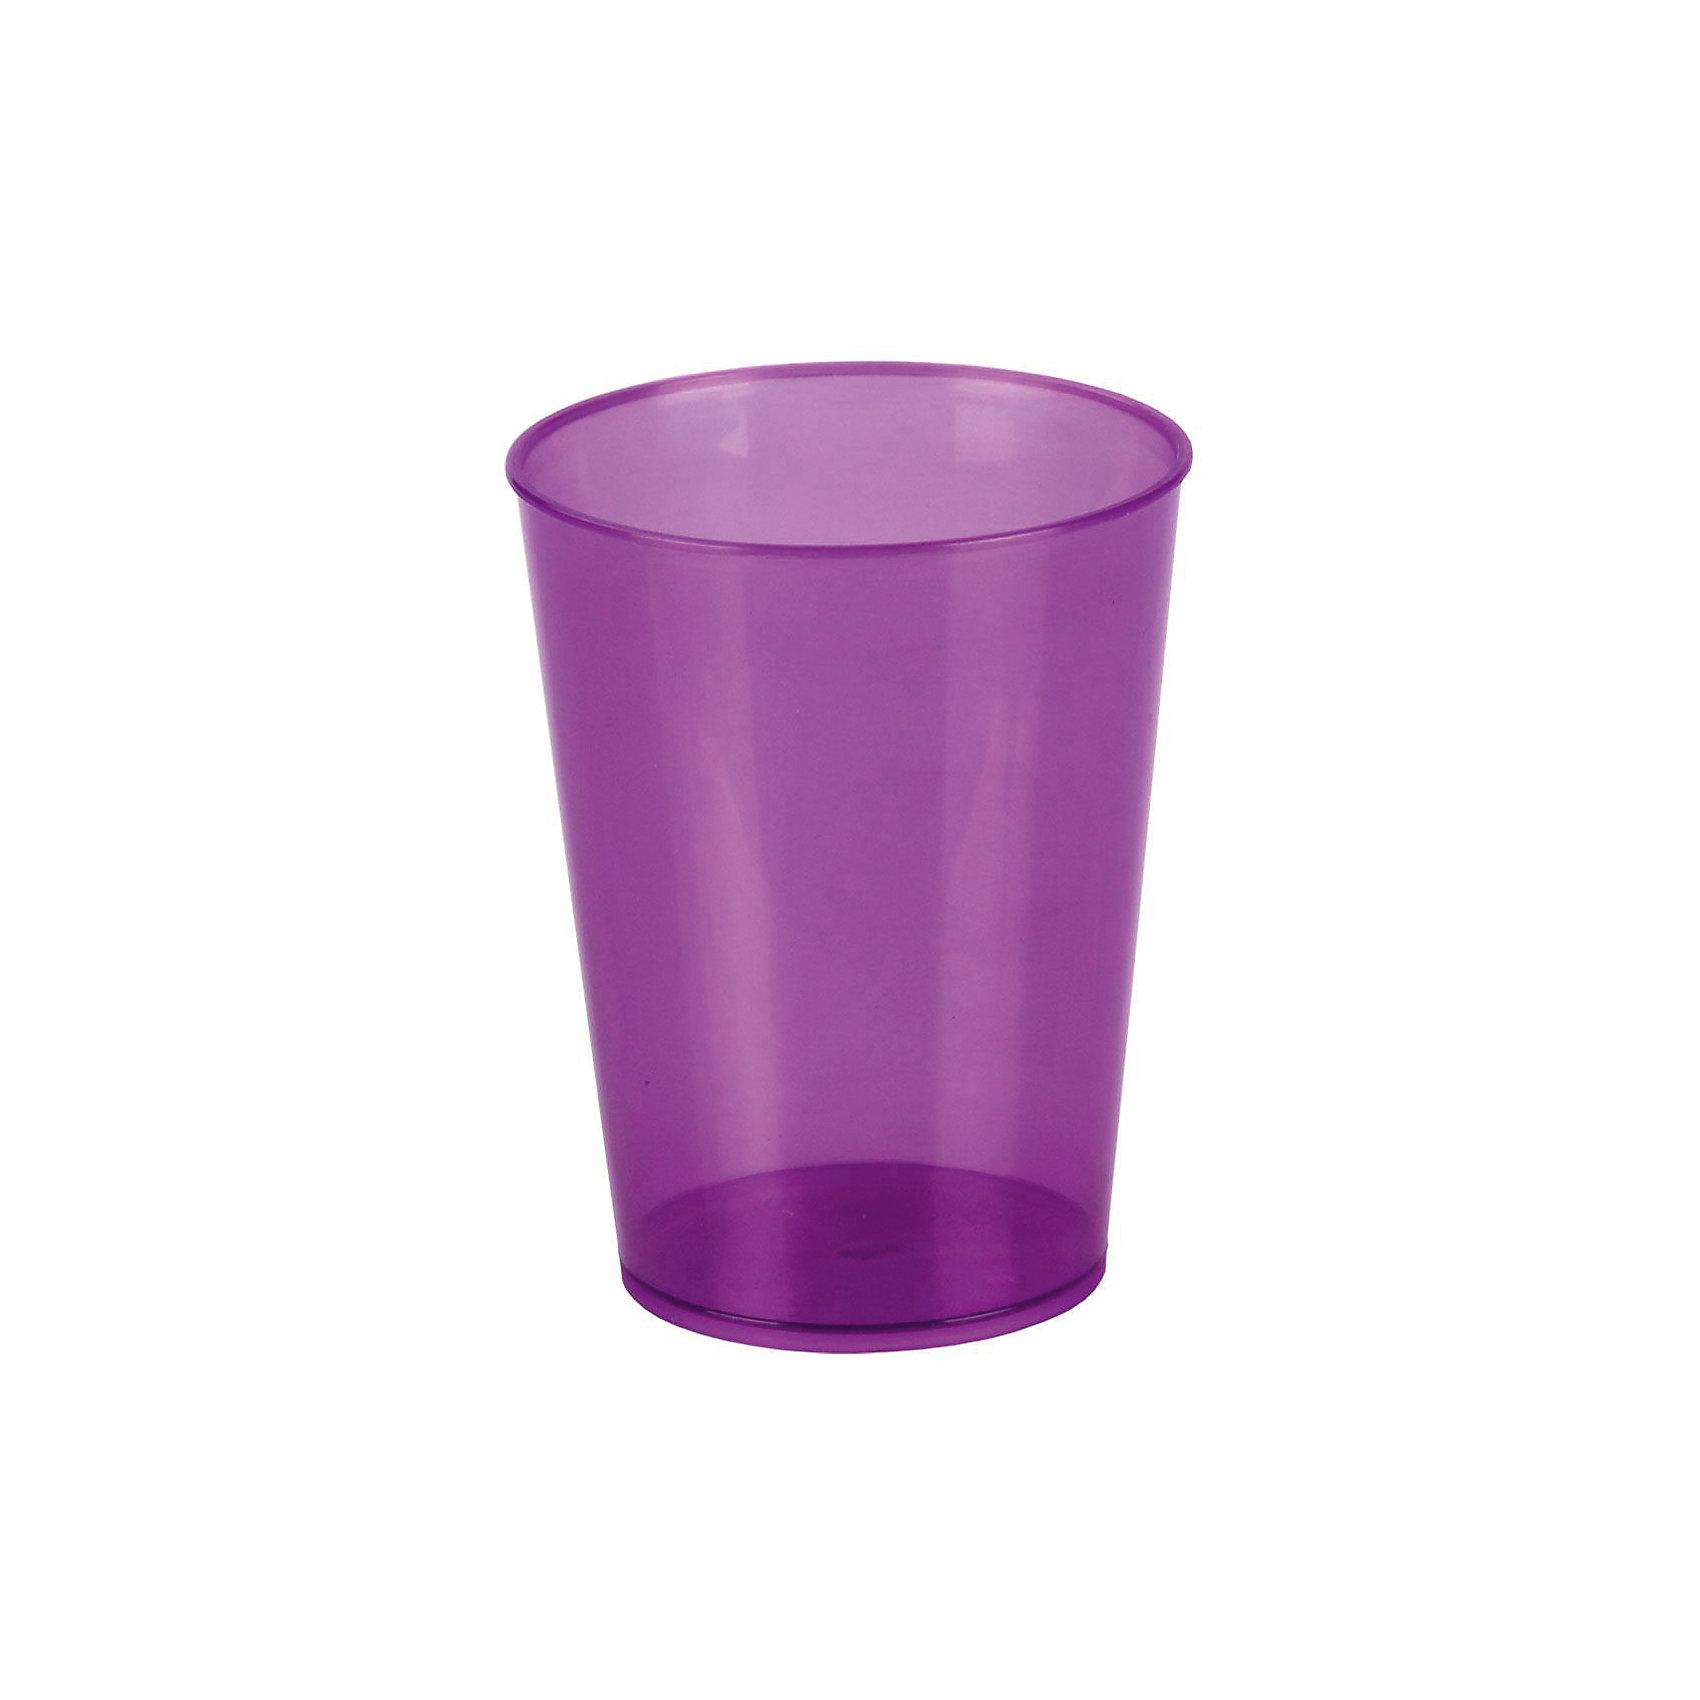 Стакан 350мл, Alternativa, фиолетовыйПосуда<br>Характеристики:<br><br>• Предназначение: для пищевых продуктов, для хранения зубных щеток, карандашей<br>• Материал: пластик<br>• Цвет: фиолетовый <br>• Размер (Д*Ш*В):  8*8*10,5 см<br>• Объем: 350 мл<br>• Особенности ухода: разрешается мыть<br><br>Стакан 350 мл, Alternativa, фиолетовый изготовлен отечественным производителем ООО ЗПИ Альтернатива, который специализируется на выпуске широкого спектра изделий и предметов мебели из пластика. Стакан выполнен из экологически безопасного пищевого пластика, устойчивого к механическим повреждениям и изменению цвета. Стакан можно использовать для холодных напитков, для хранения карандашей, фломастеров или в качестве подставки для зубных щеток, кроме того, он подойдет в качестве мерной емкости для жидкостей и сыпучих продуктов. Изделие имеет компактный размер и легкий вес, поэтому его удобно брать с собой на природу и дачу. <br><br>Стакан 350 мл, Alternativa, фиолетовый можно купить в нашем интернет-магазине.<br><br>Ширина мм: 80<br>Глубина мм: 80<br>Высота мм: 105<br>Вес г: 22<br>Возраст от месяцев: 36<br>Возраст до месяцев: 84<br>Пол: Женский<br>Возраст: Детский<br>SKU: 5096686